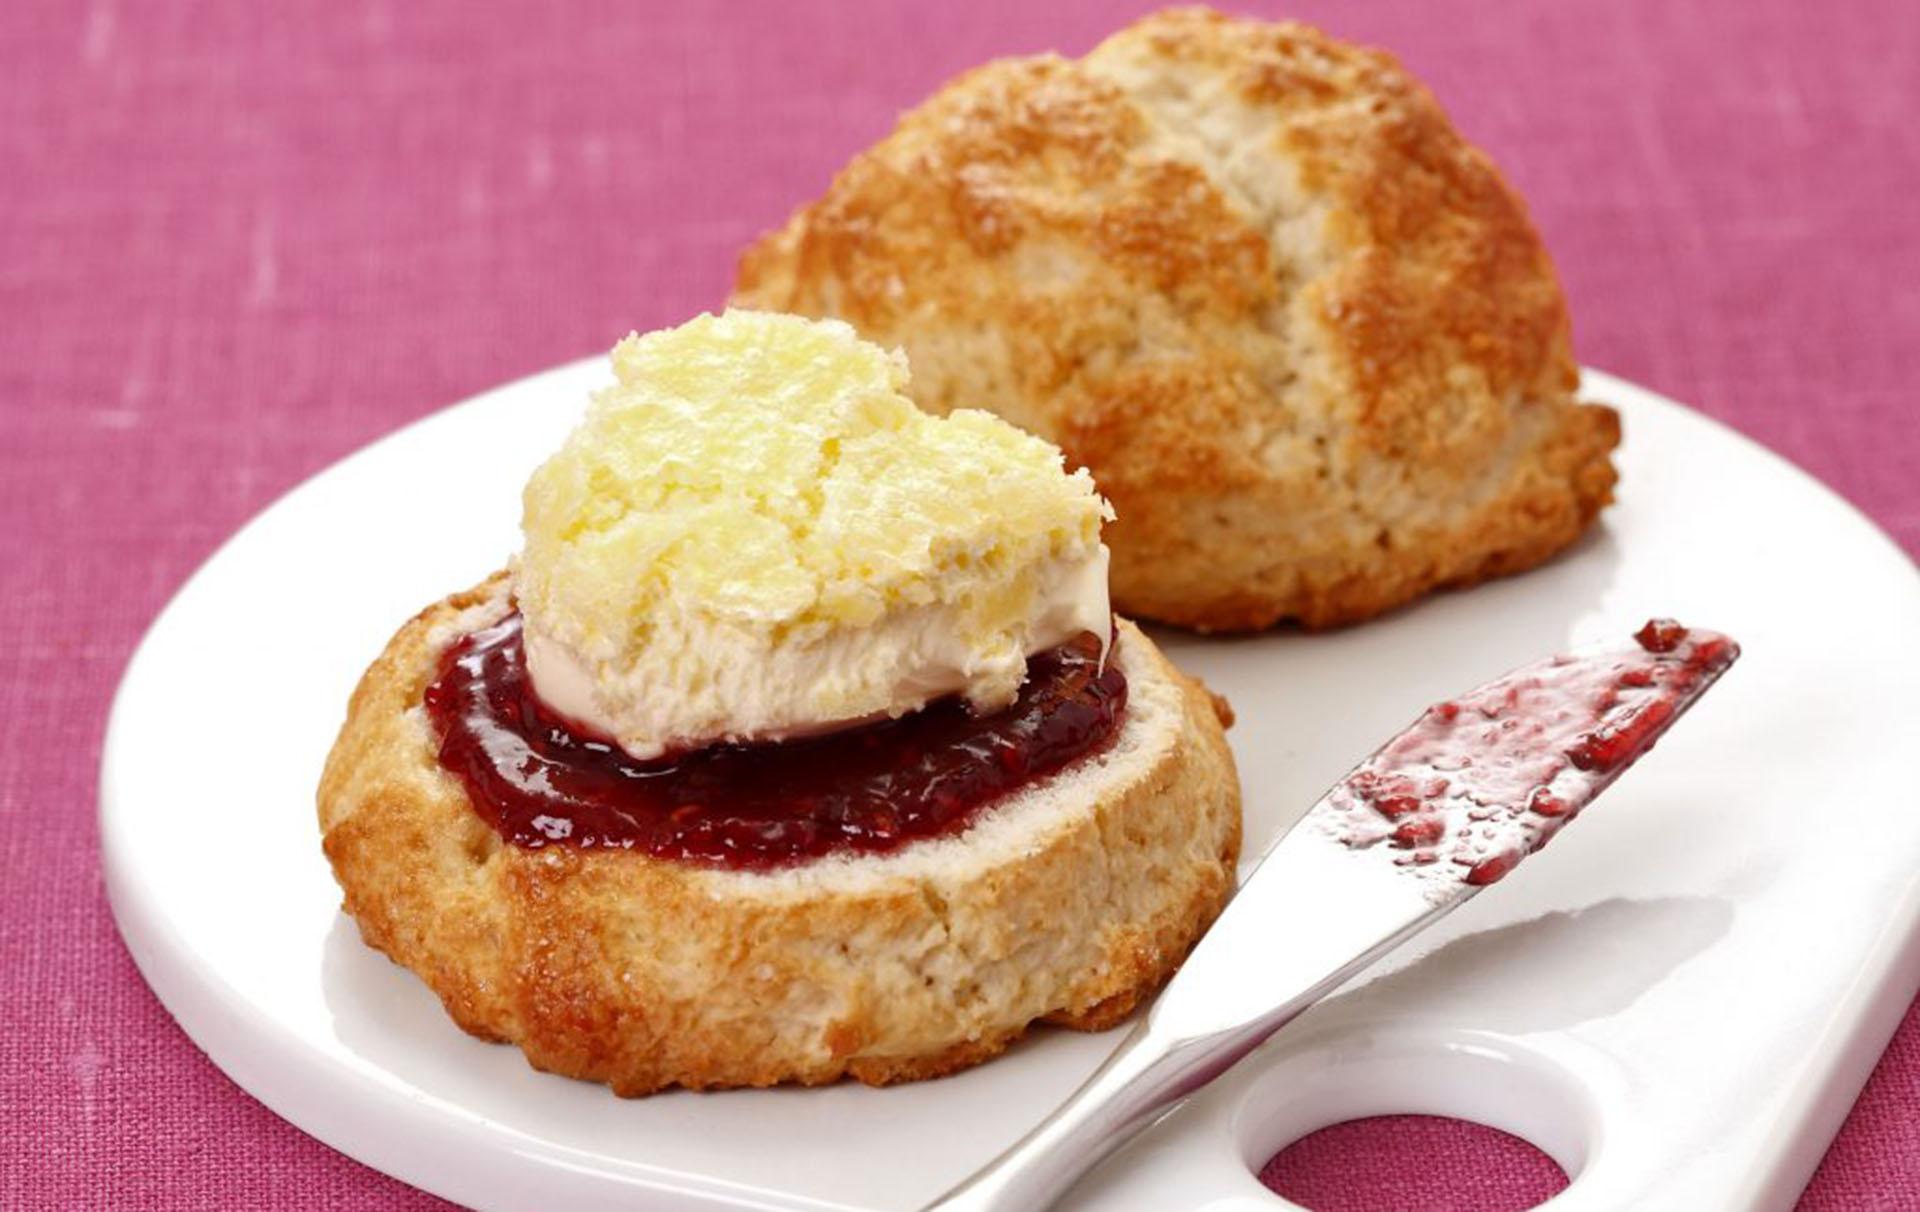 Sensational Gluten Free Scones Baking Recipes Goodtoknow Funny Birthday Cards Online Benoljebrpdamsfinfo